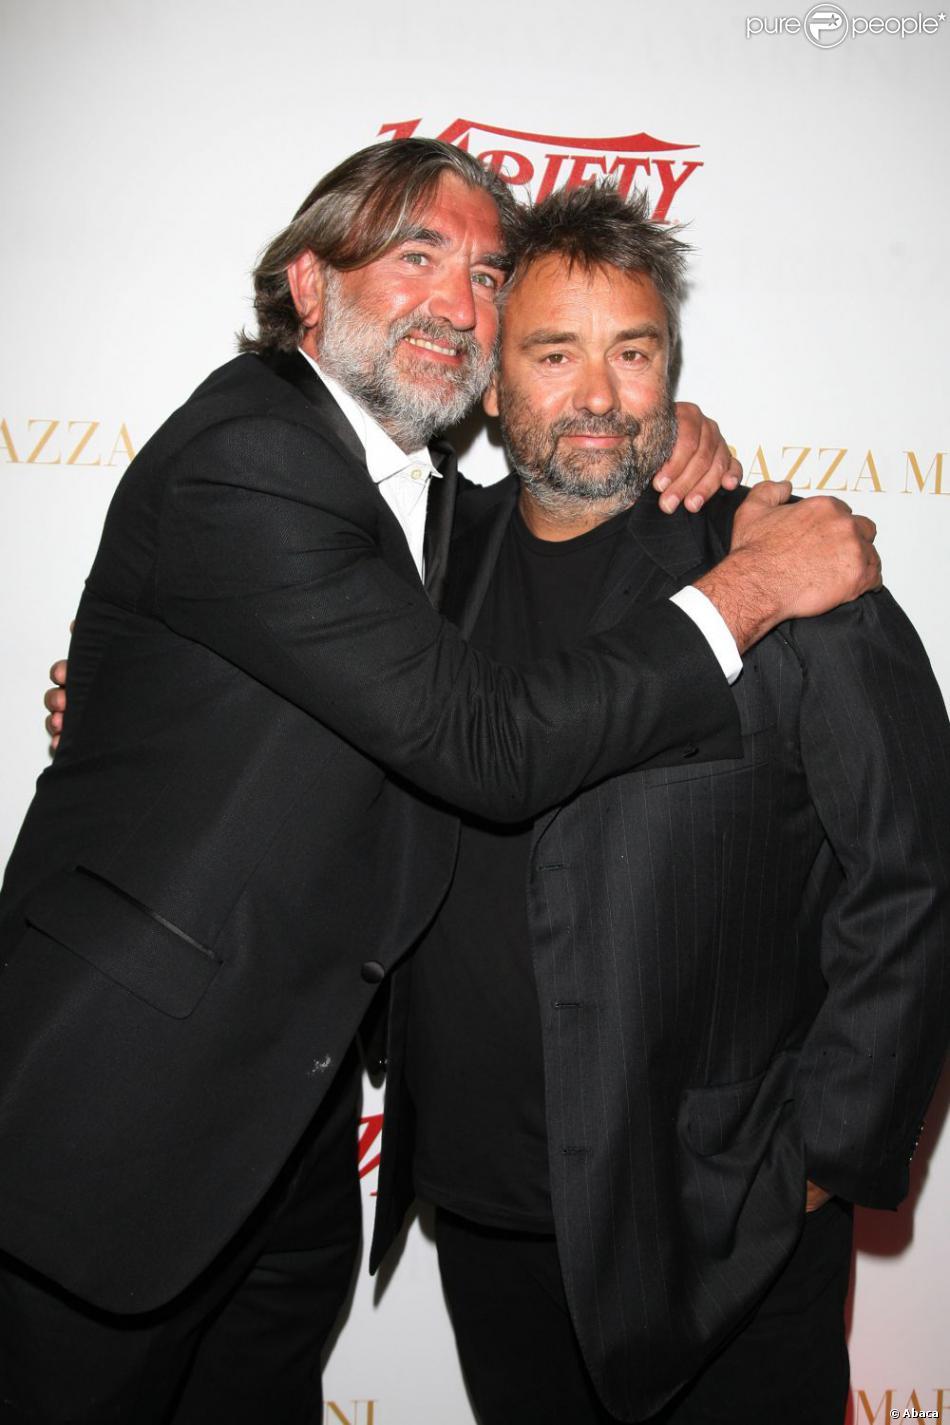 Les ex-associés d'EuropaCorp, Luc Besson et Pierre-Ange Le Pogam, au Festival de Cannes le 14 mai 2009.